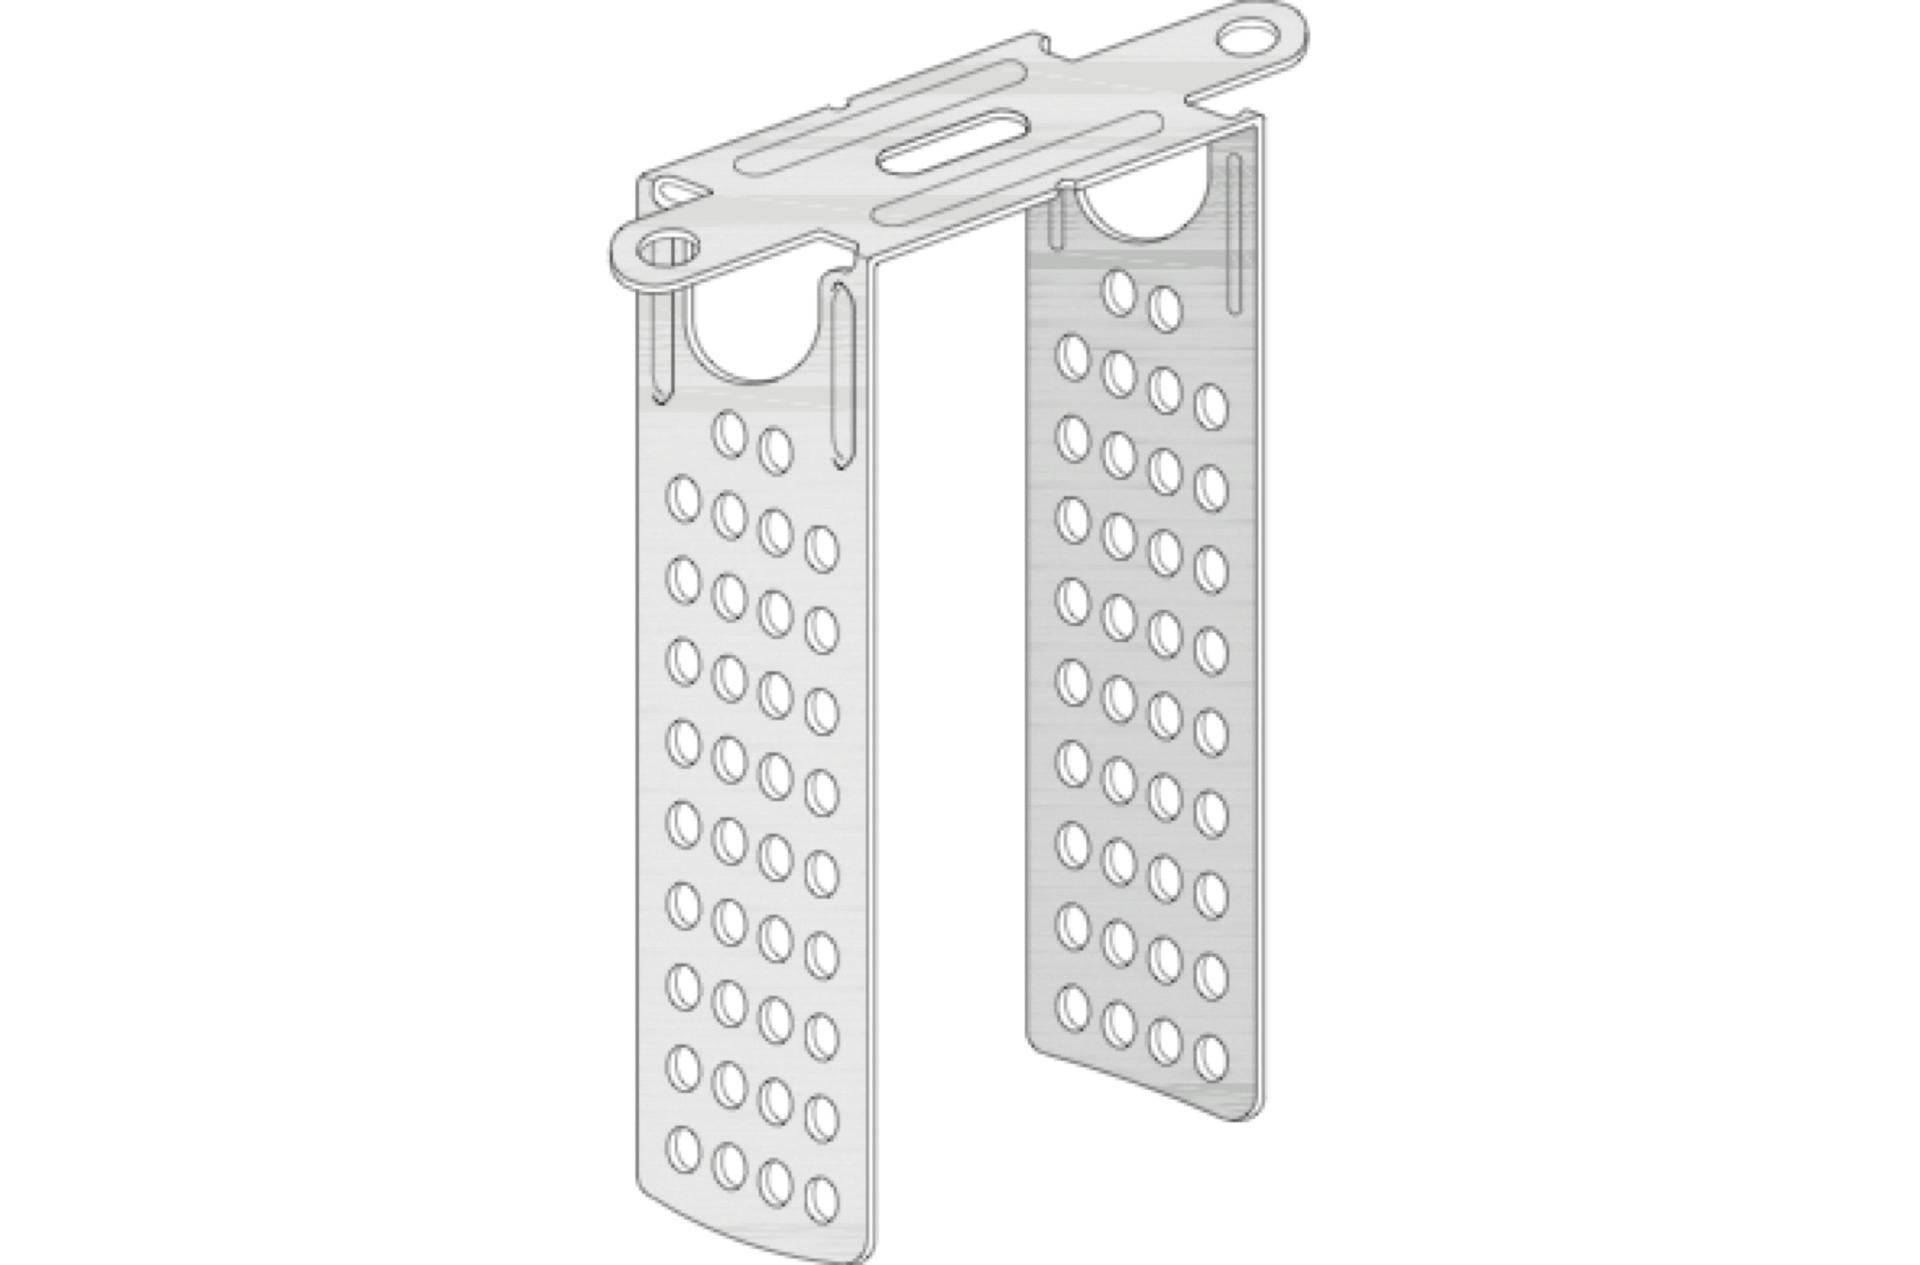 knauf direktabhänger für holzlatten 50 mm, 120 mm lang, ungebogen